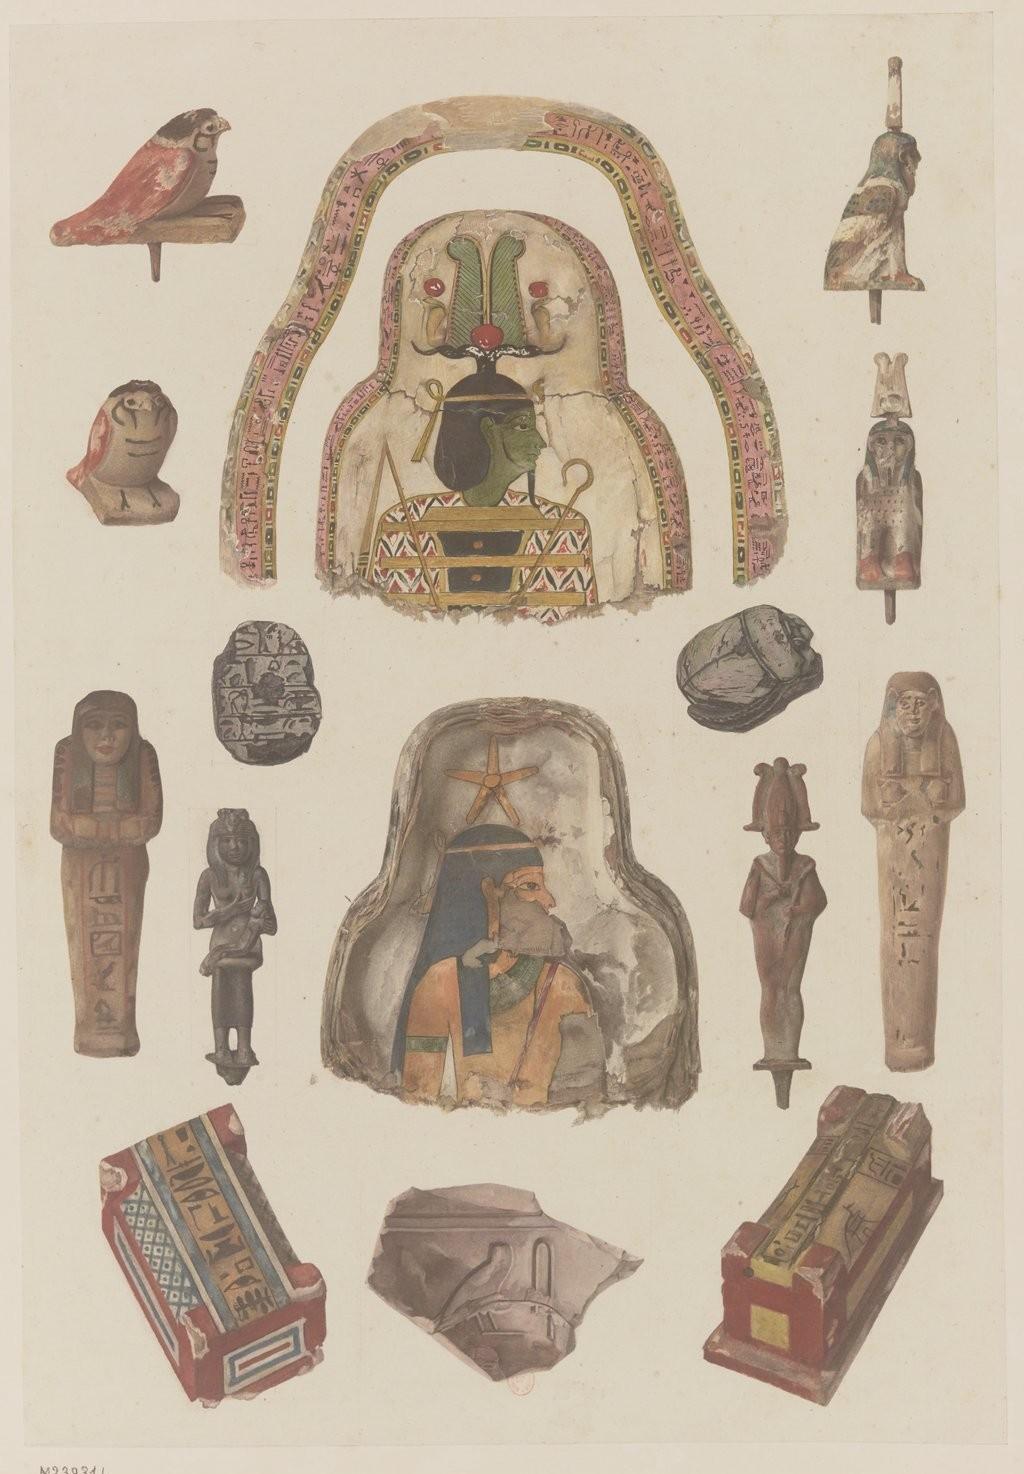 Фивы. Зарисовки мумий и фрагменты предметов из окрашенного дерева, камня и бронзы